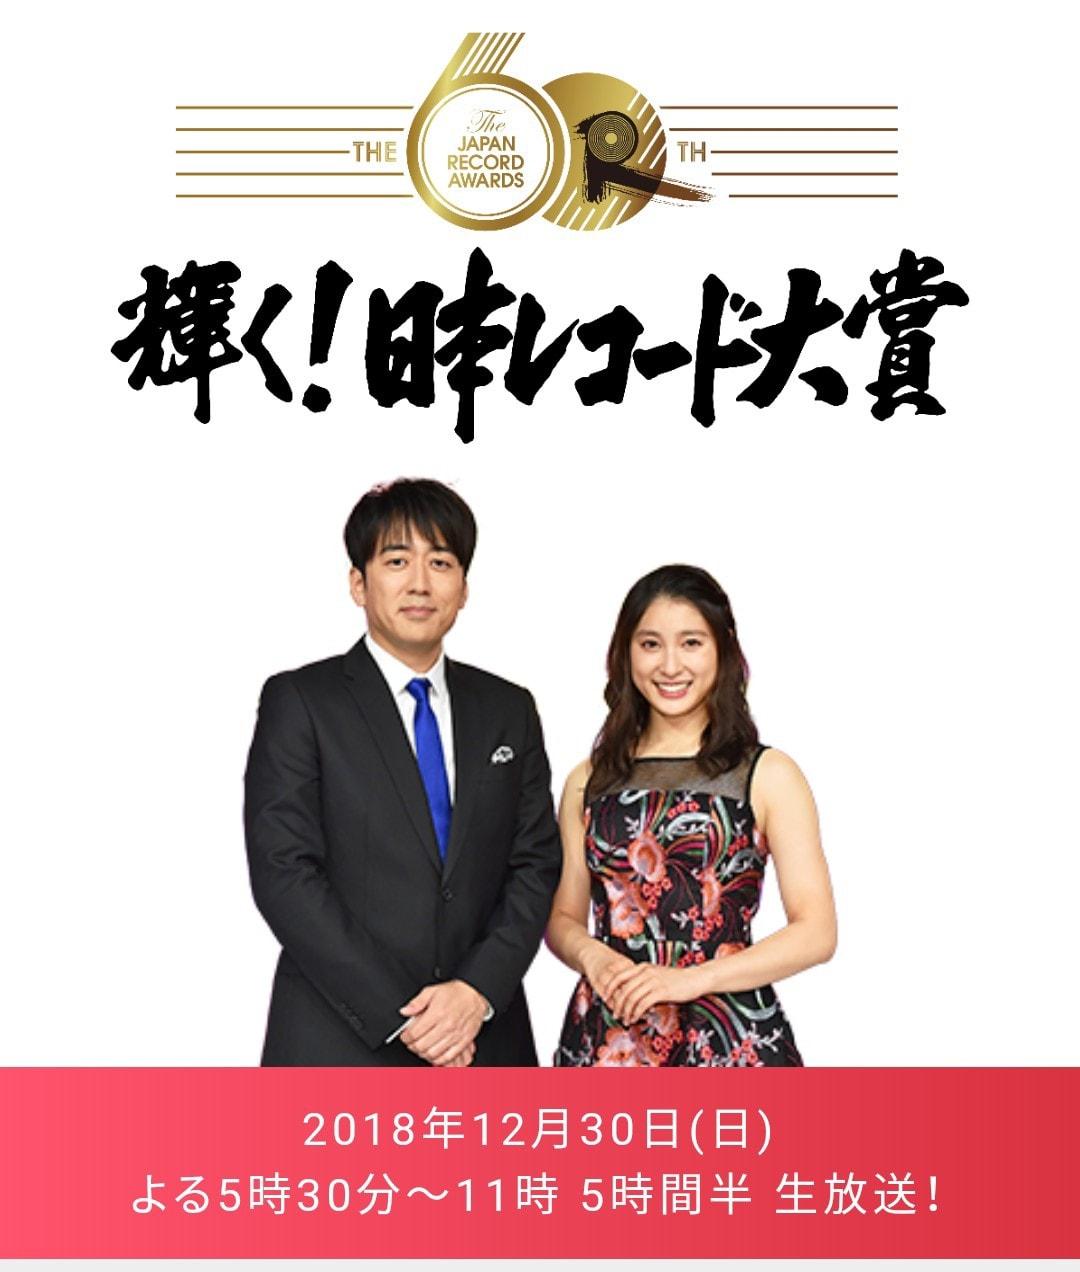 和田 アキ子 レコード 大賞